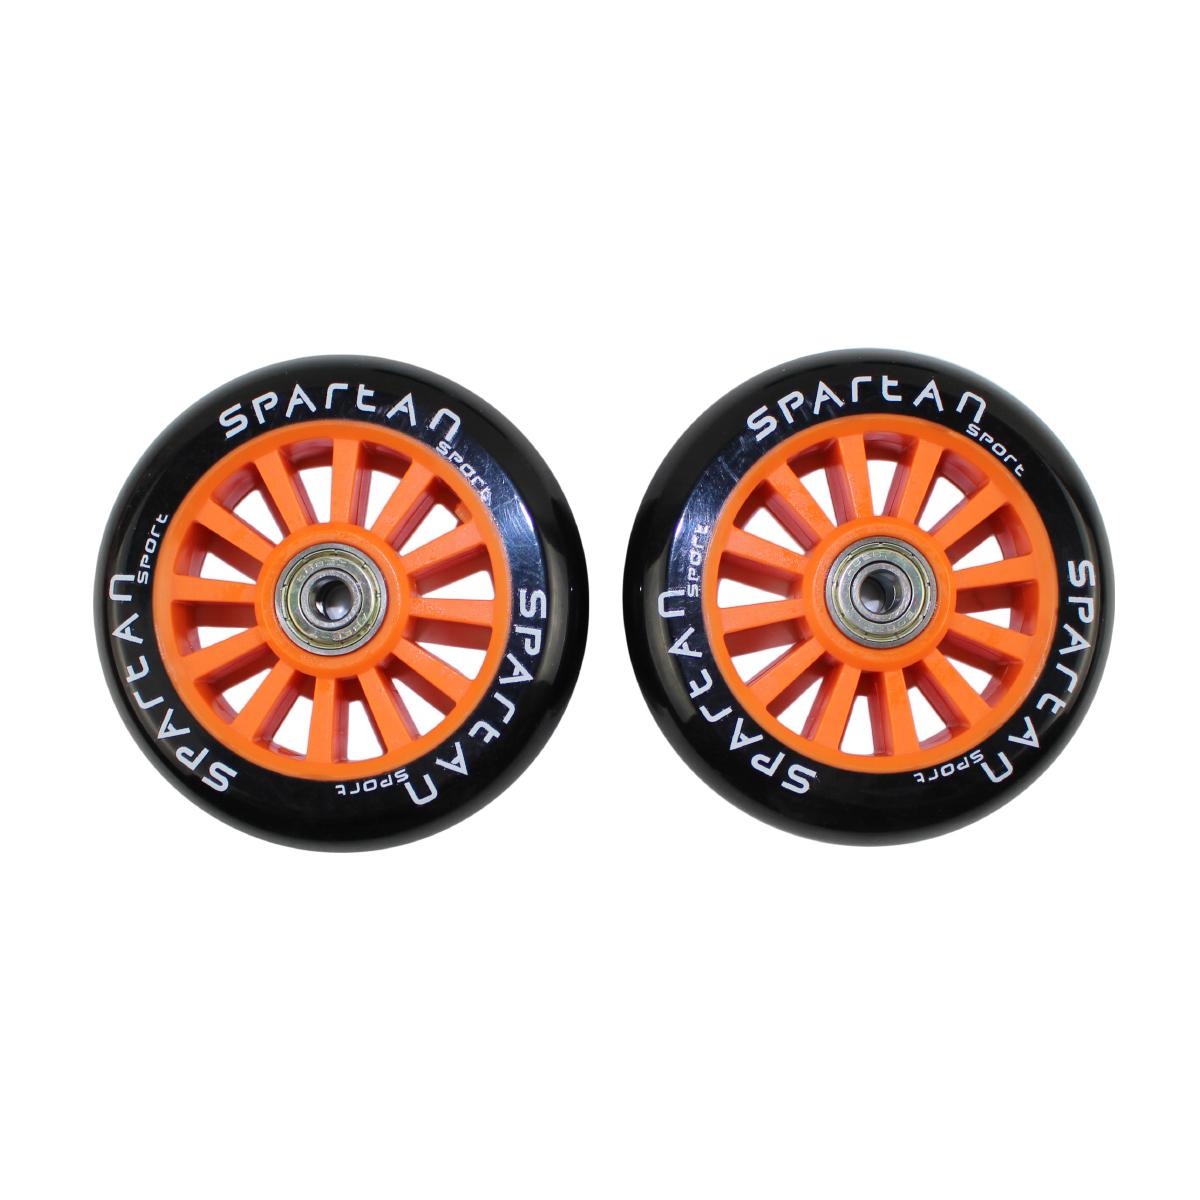 Náhradní kolečka na koloběžky SPARTAN Stunt 100 mm - oranžové